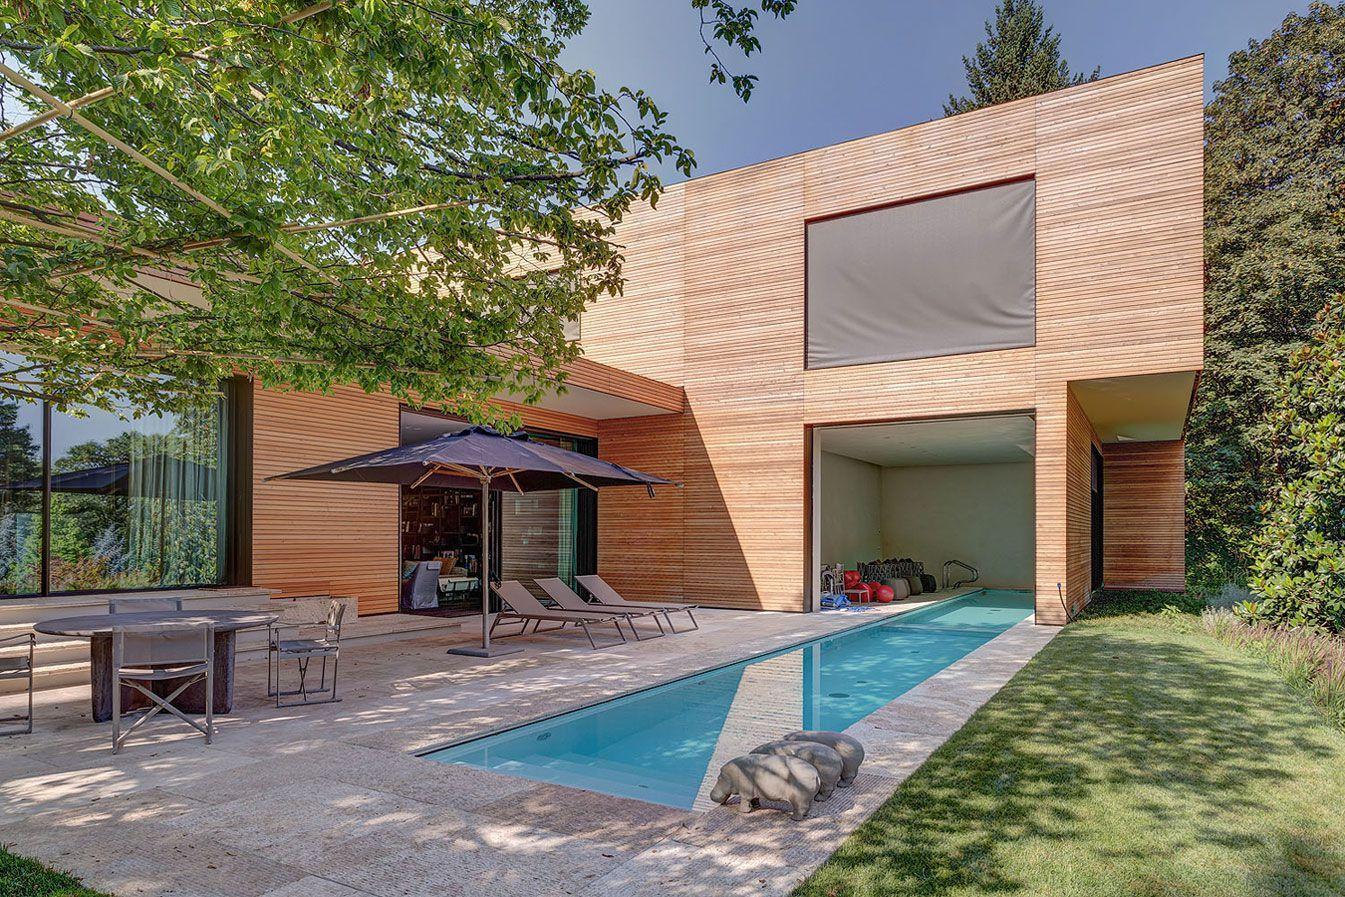 modern architecture emphasizing wooden design exterior